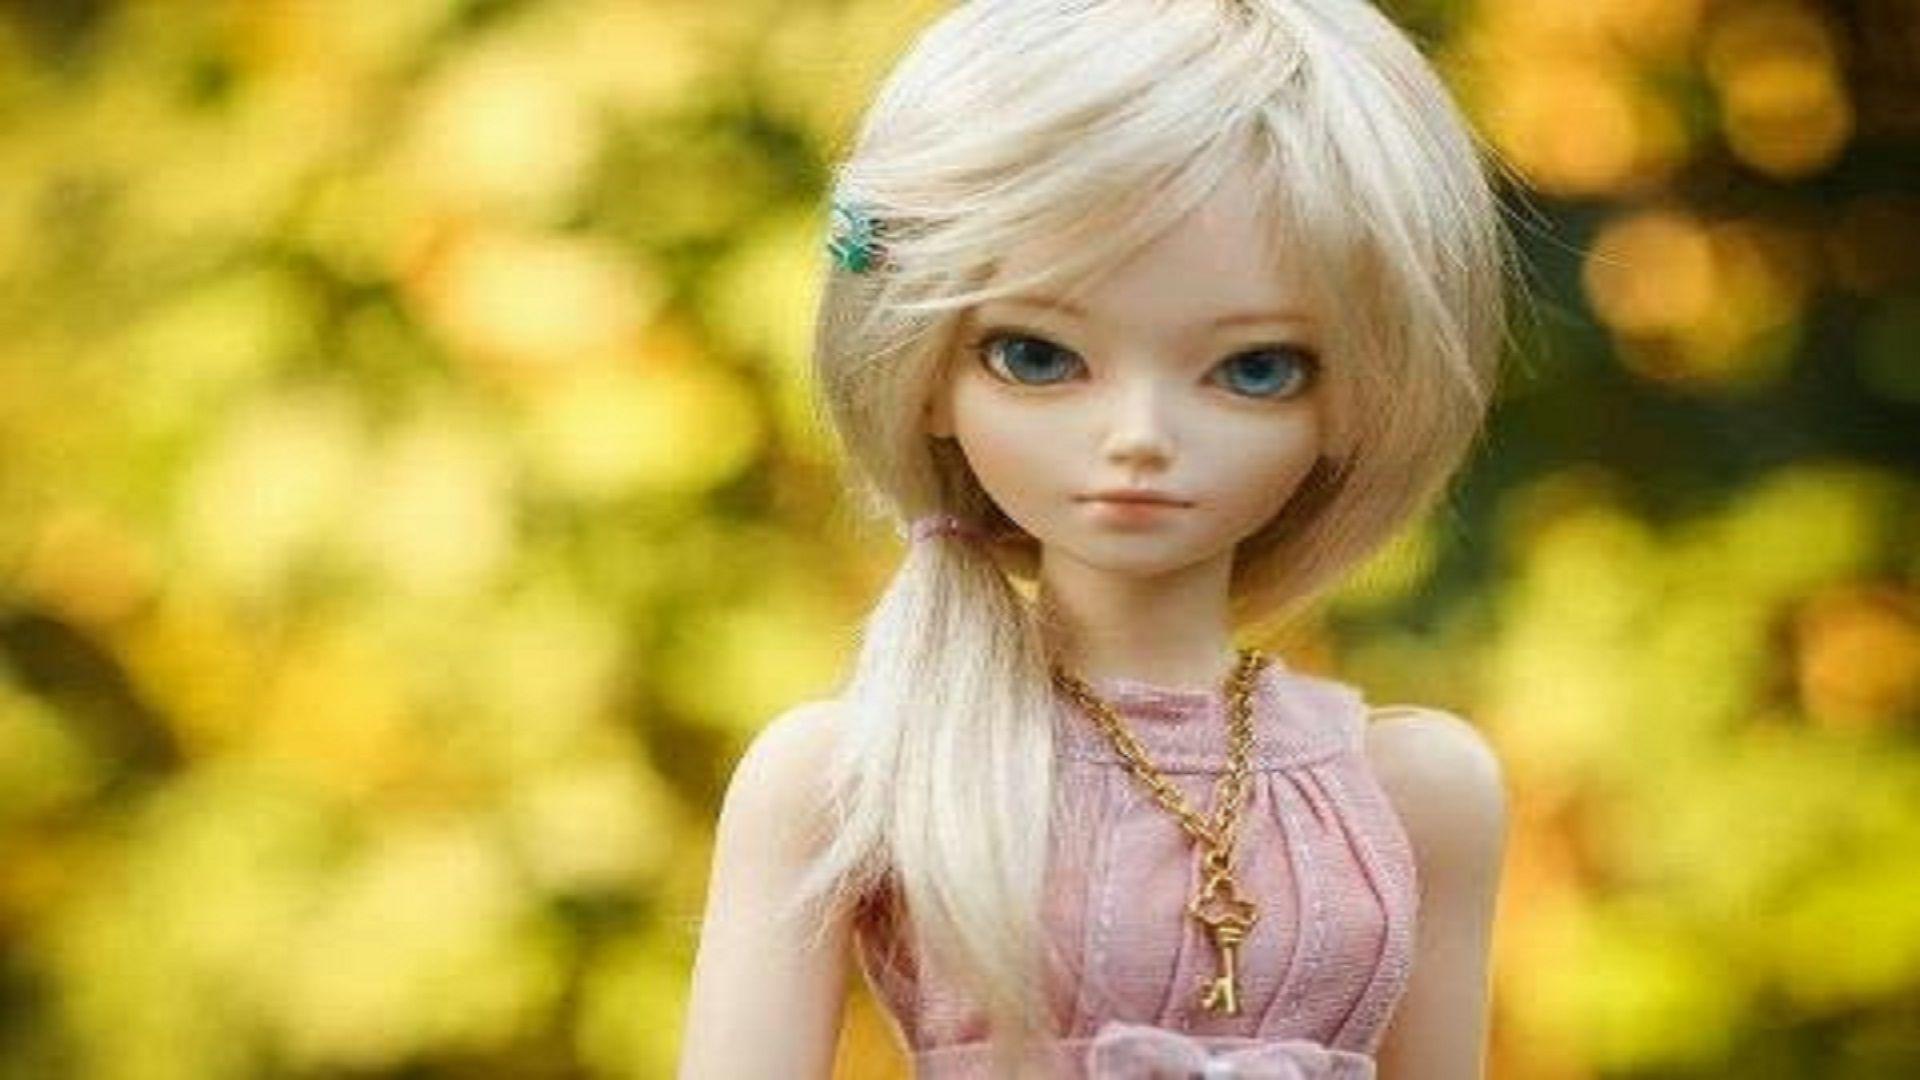 Lovely Sweet Barbie Doll Free Wallpaper Hd Barbie Images Beautiful Dolls Beautiful Barbie Dolls